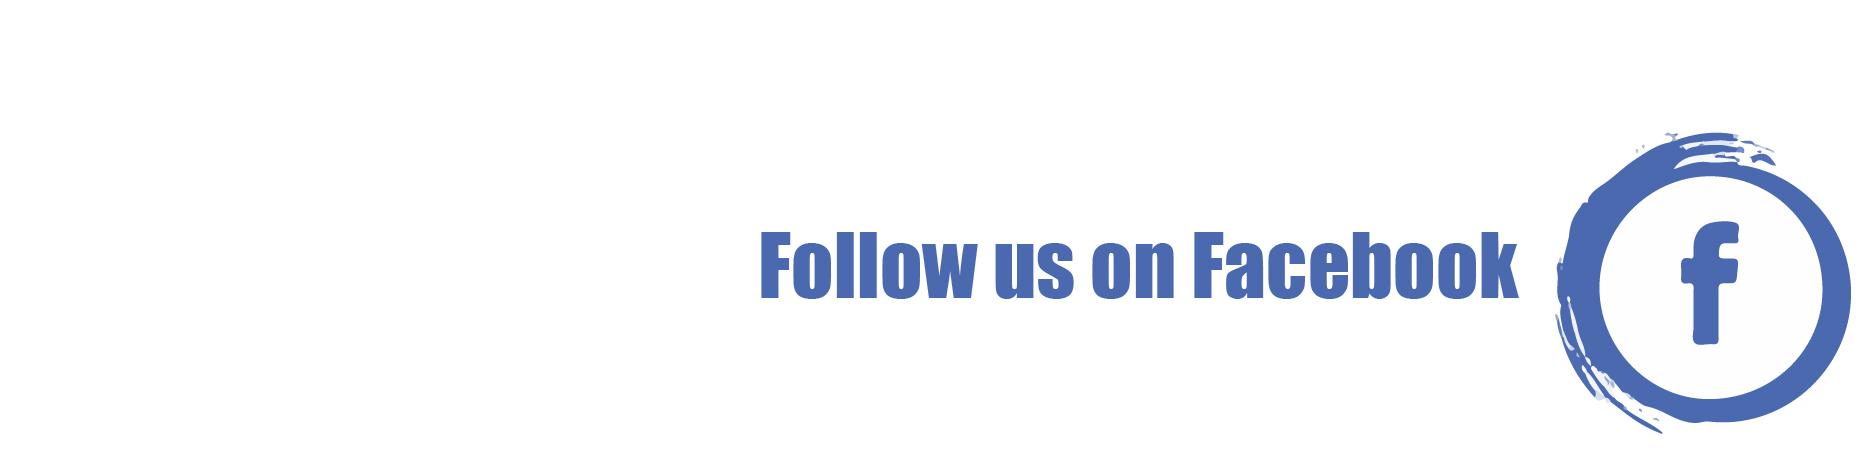 AdventureCampSocialMediaIconsFinal-01-01.jpg